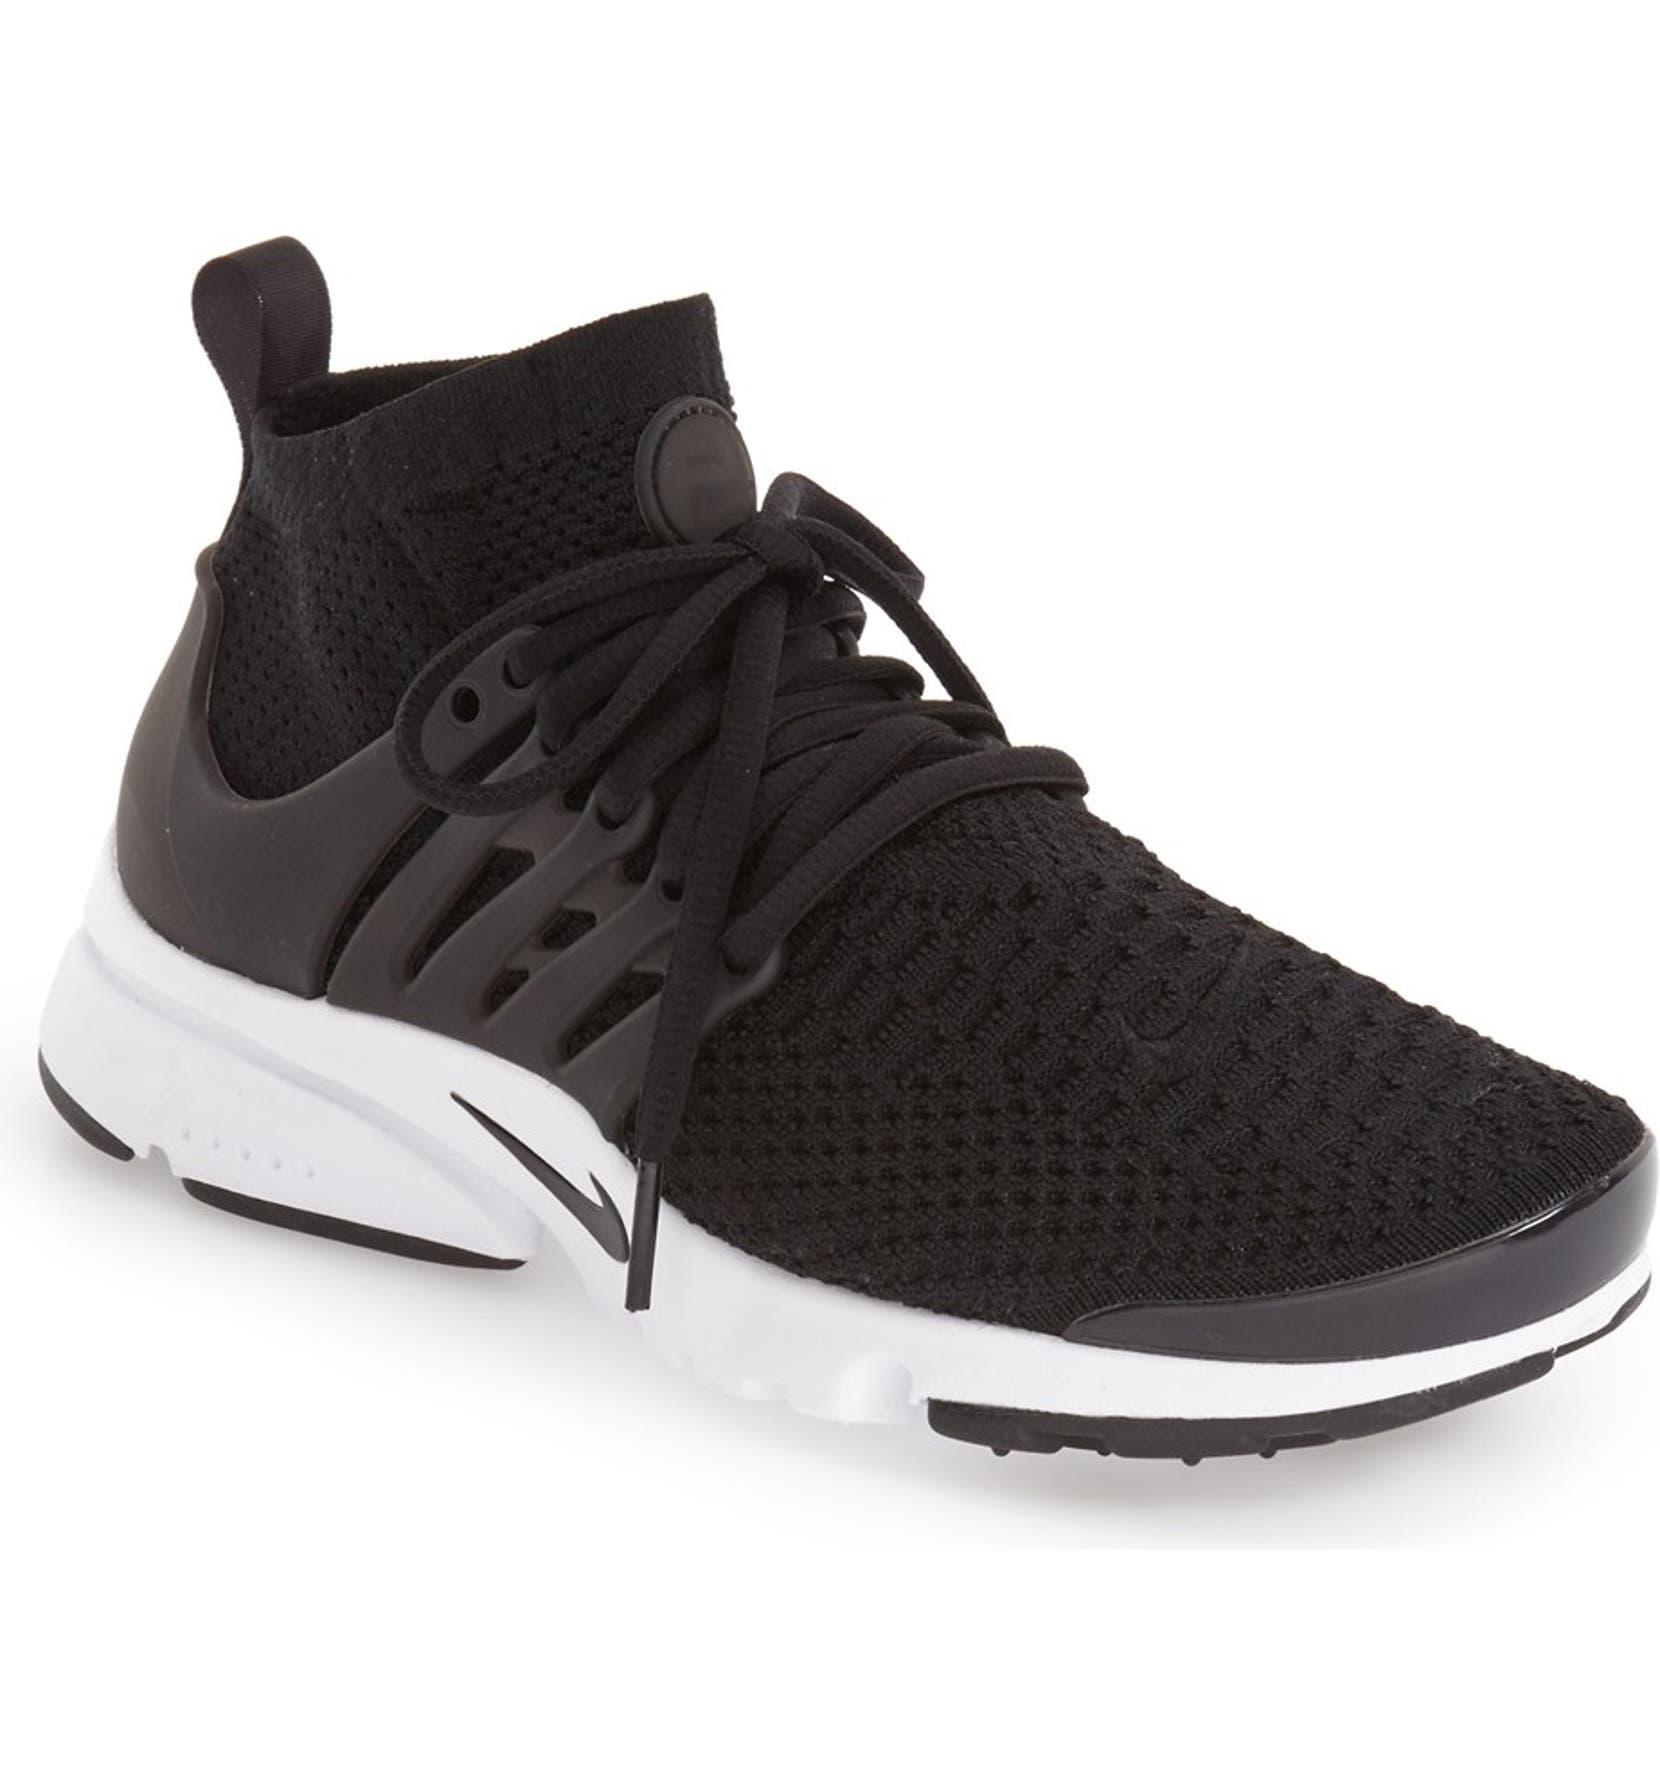 Nike  Air Presto Flyknit Ultra  Sneaker (Women)  3231c3277